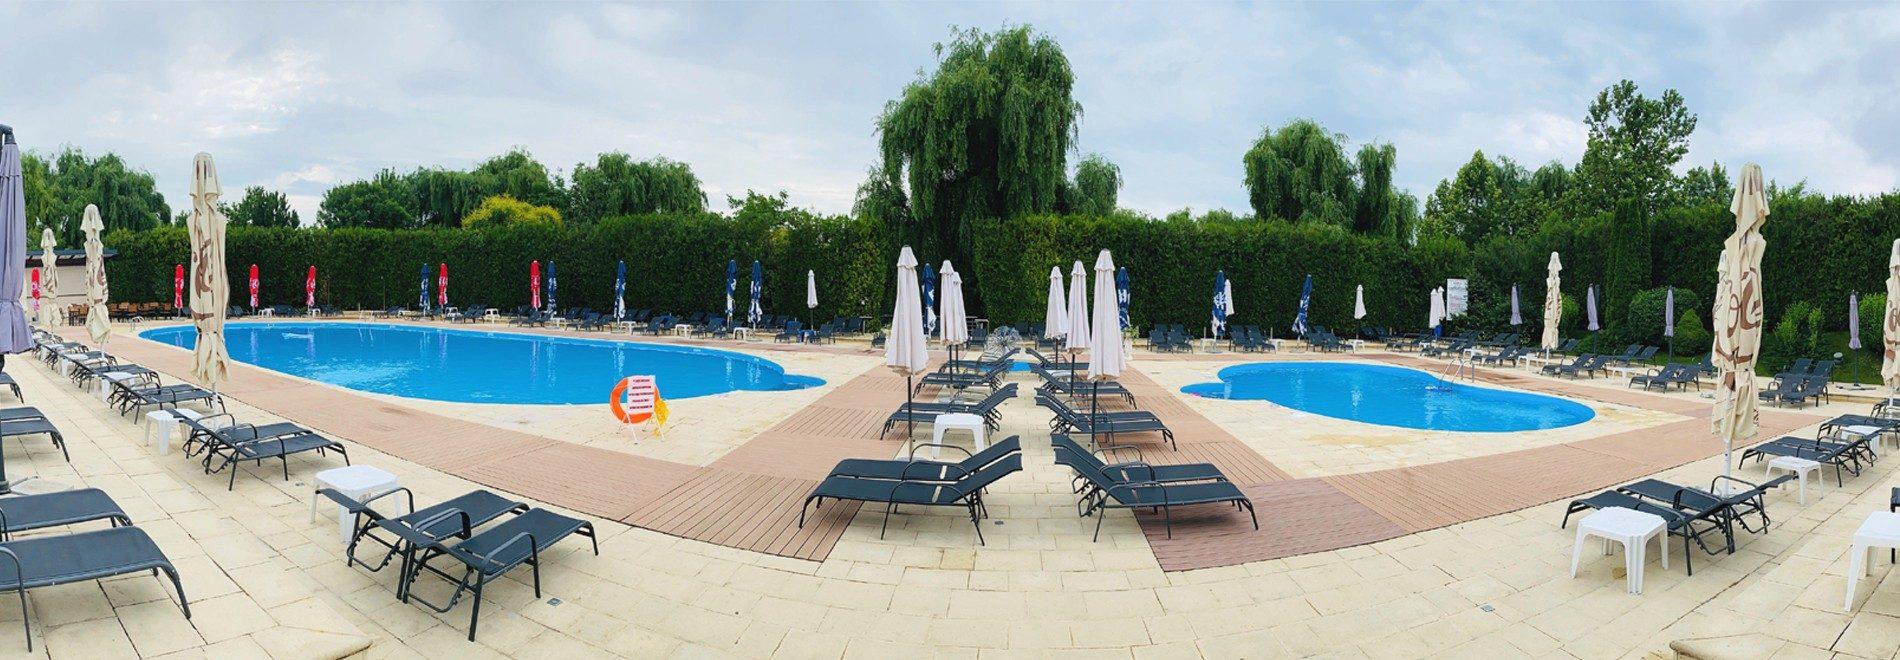 header piscina